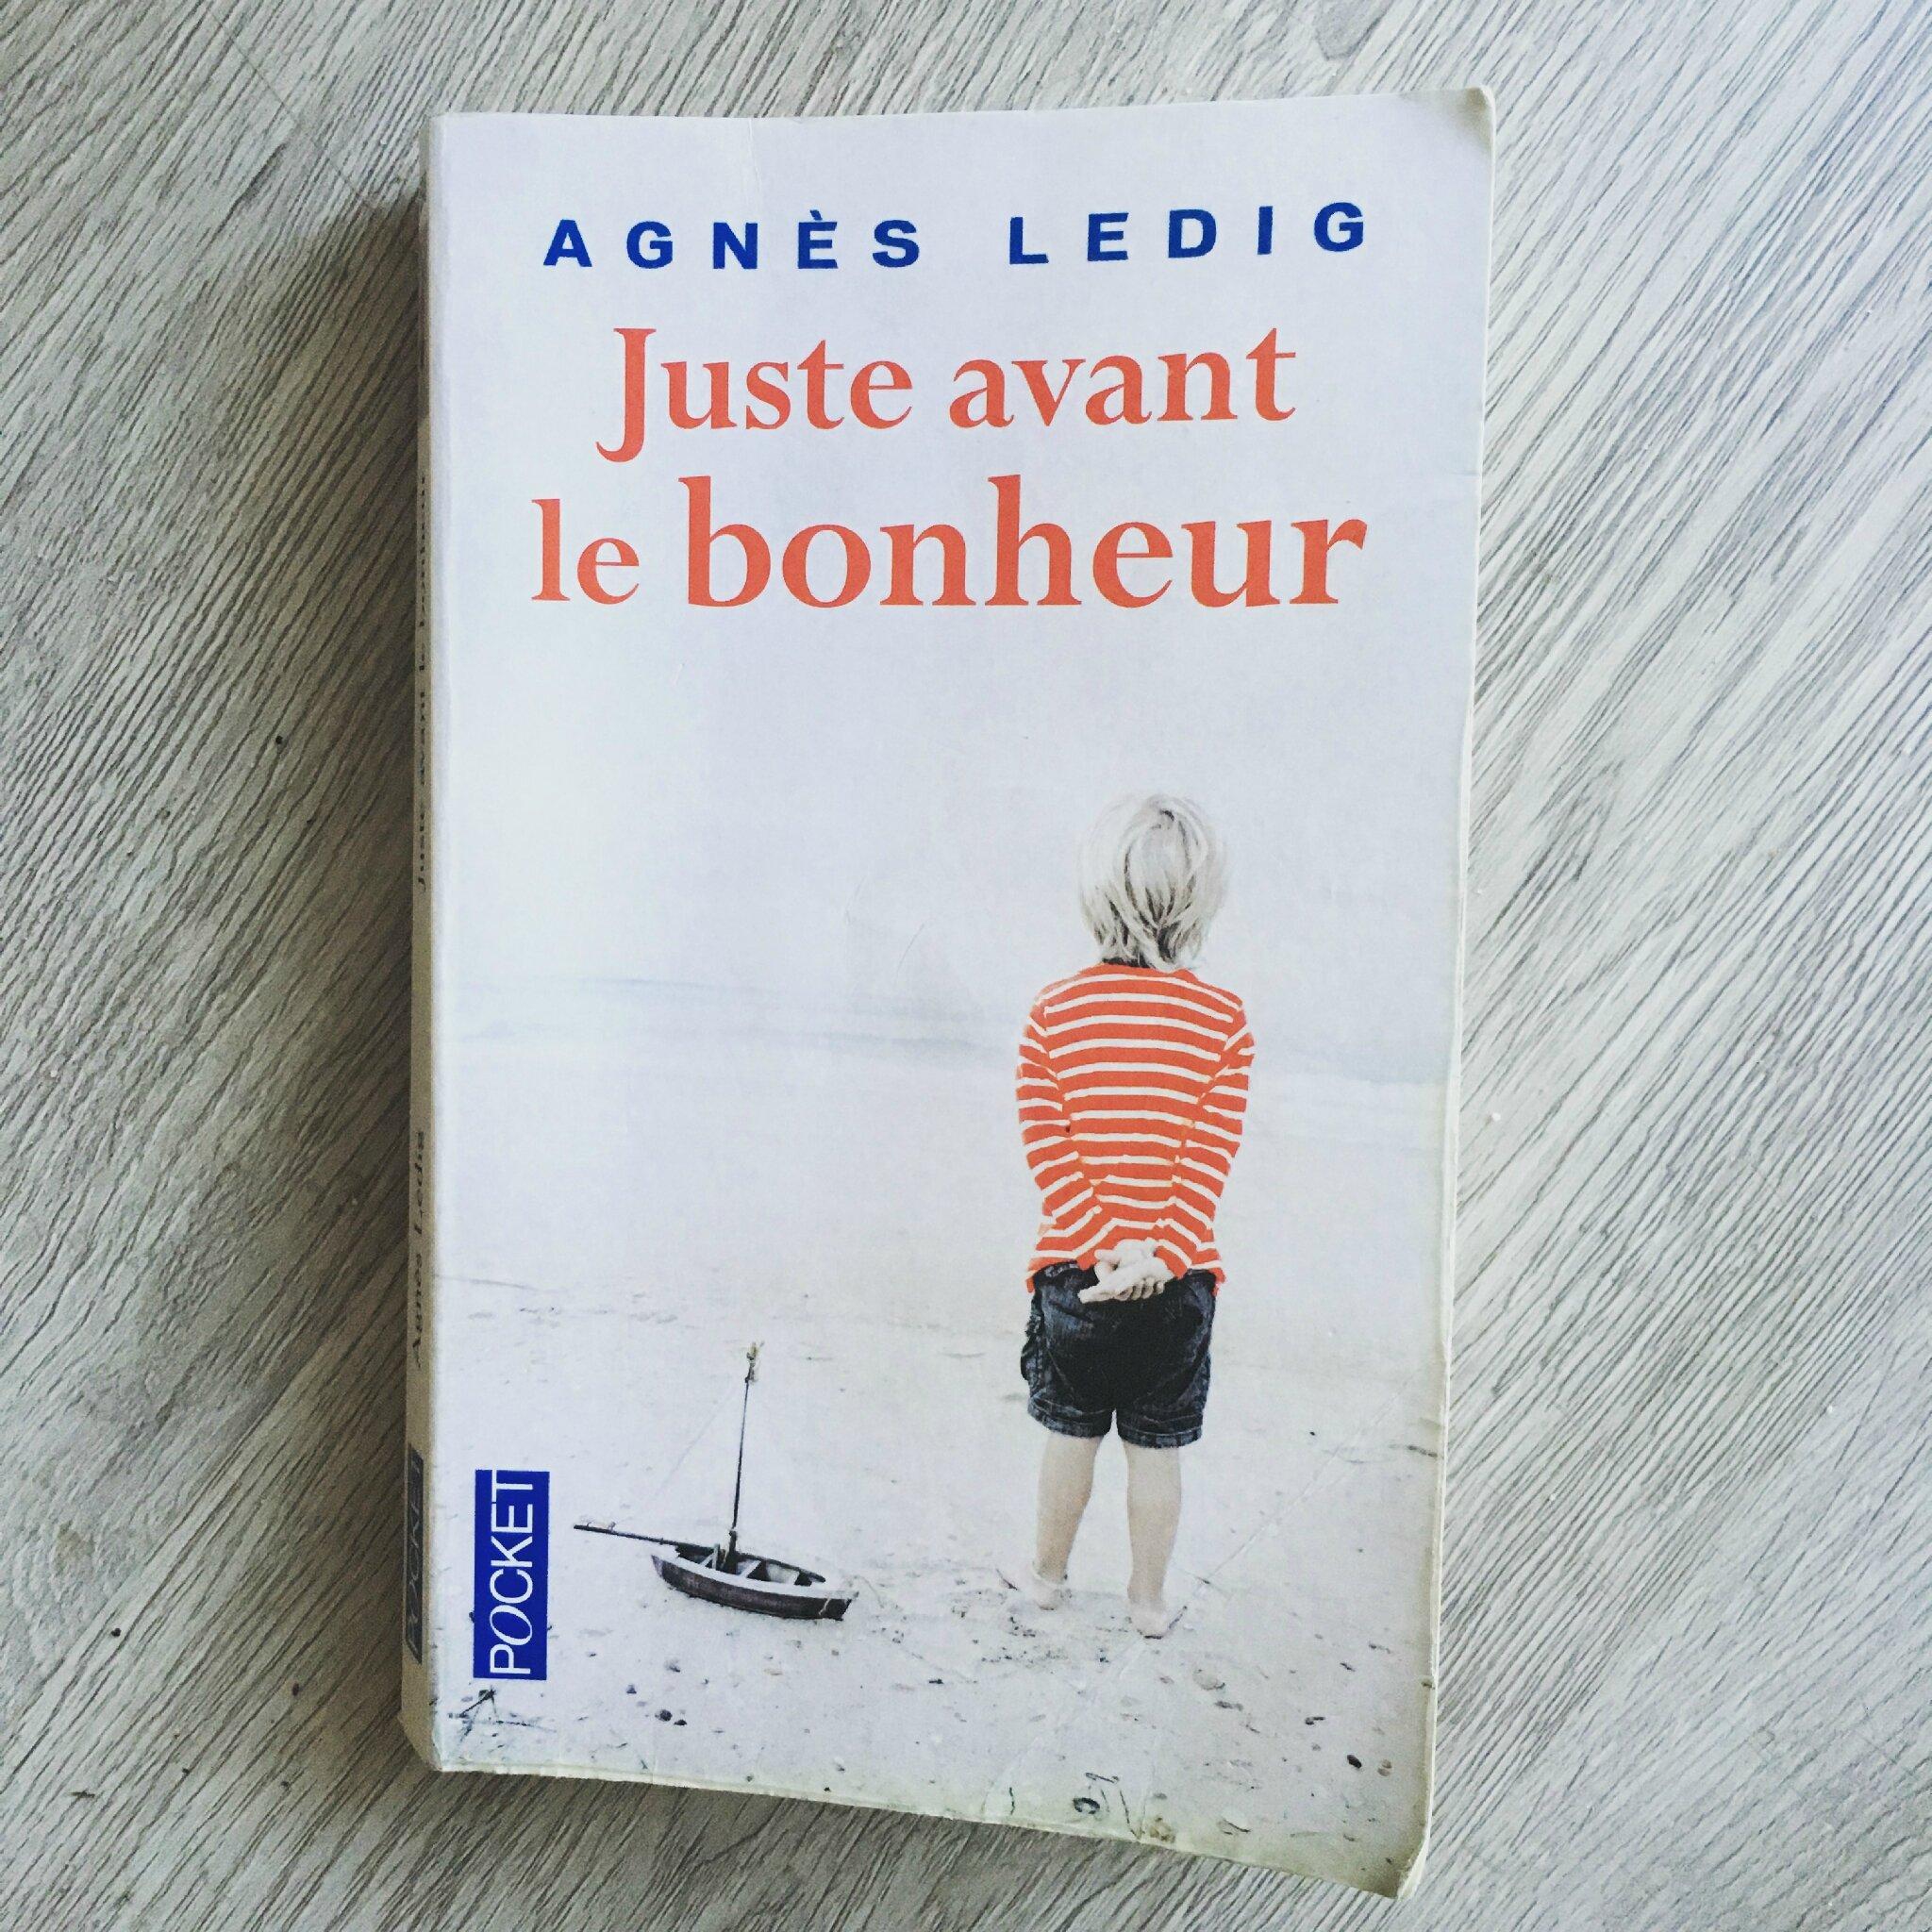 Mes dernières lectures : Agnès Ledig, Agnès Martin-Lugand et Anna Todd